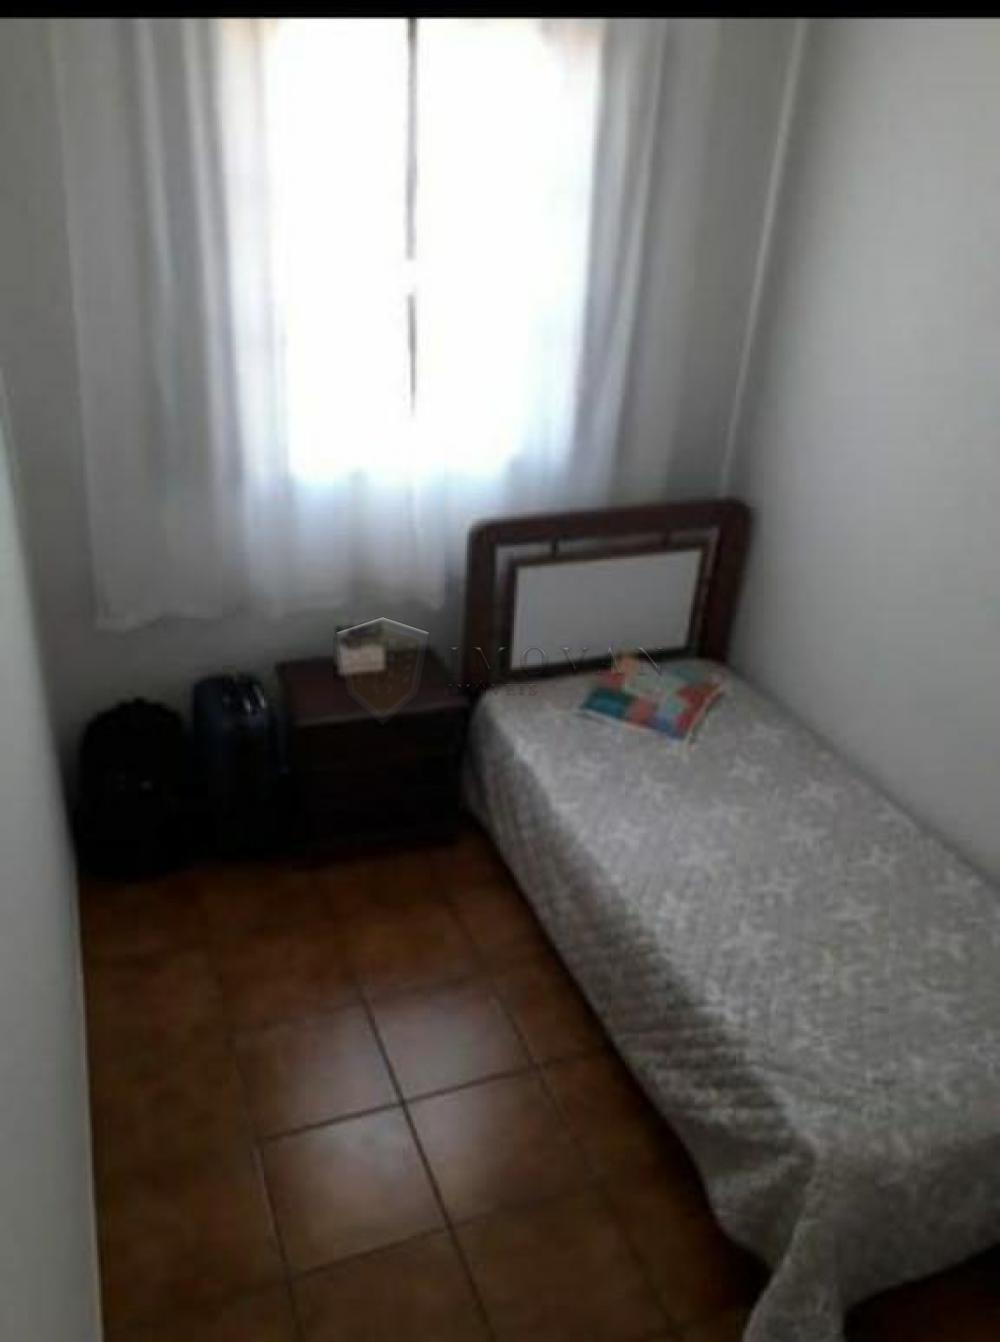 Comprar Apartamento / Padrão em Ribeirão Preto apenas R$ 160.000,00 - Foto 5